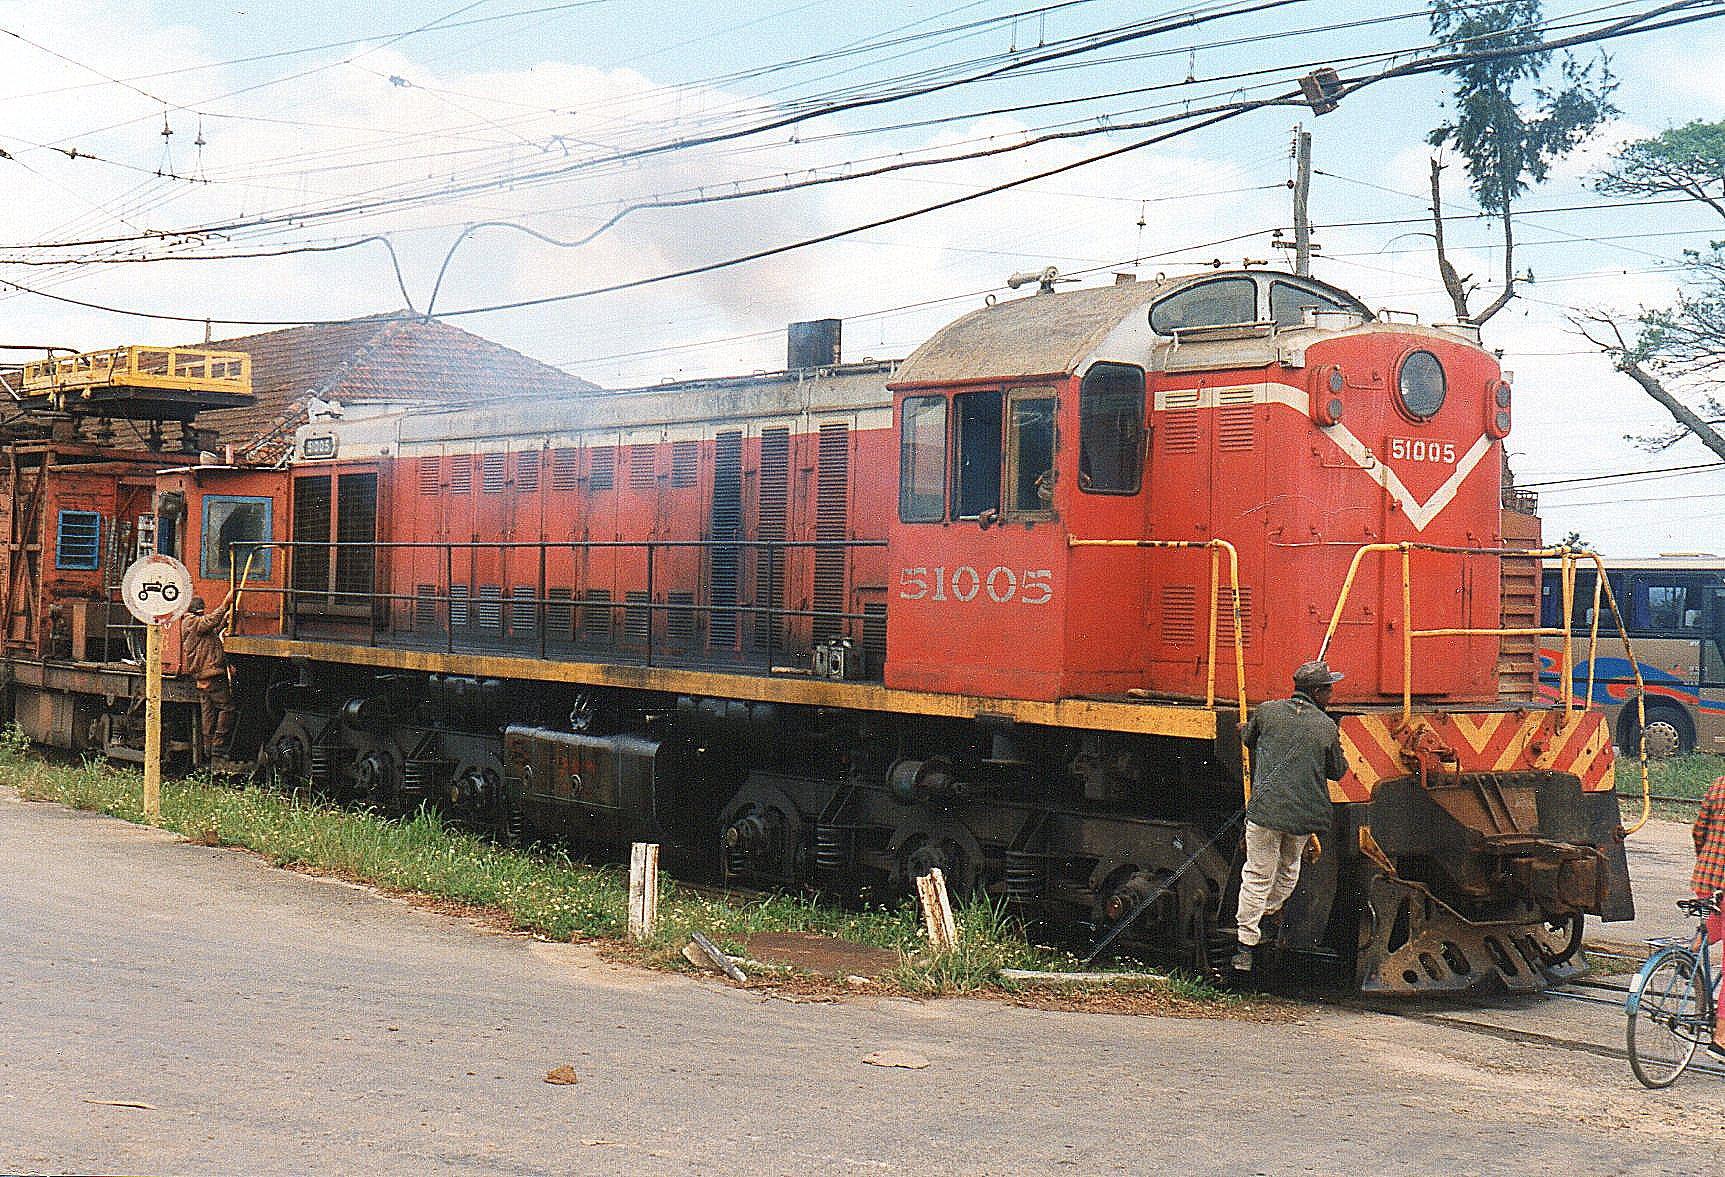 I Camilo Cienfuegos på Hersheybanen mødte FCC 51 005. Den var bygget i UUSR 1964 vejede 120 t og præsterede 100 hk. Den ses her med et banetjenestetog. Senere samme dag så jeg sen samme sted med et tog med tankvogne. (Olie eller sukkersaft?)